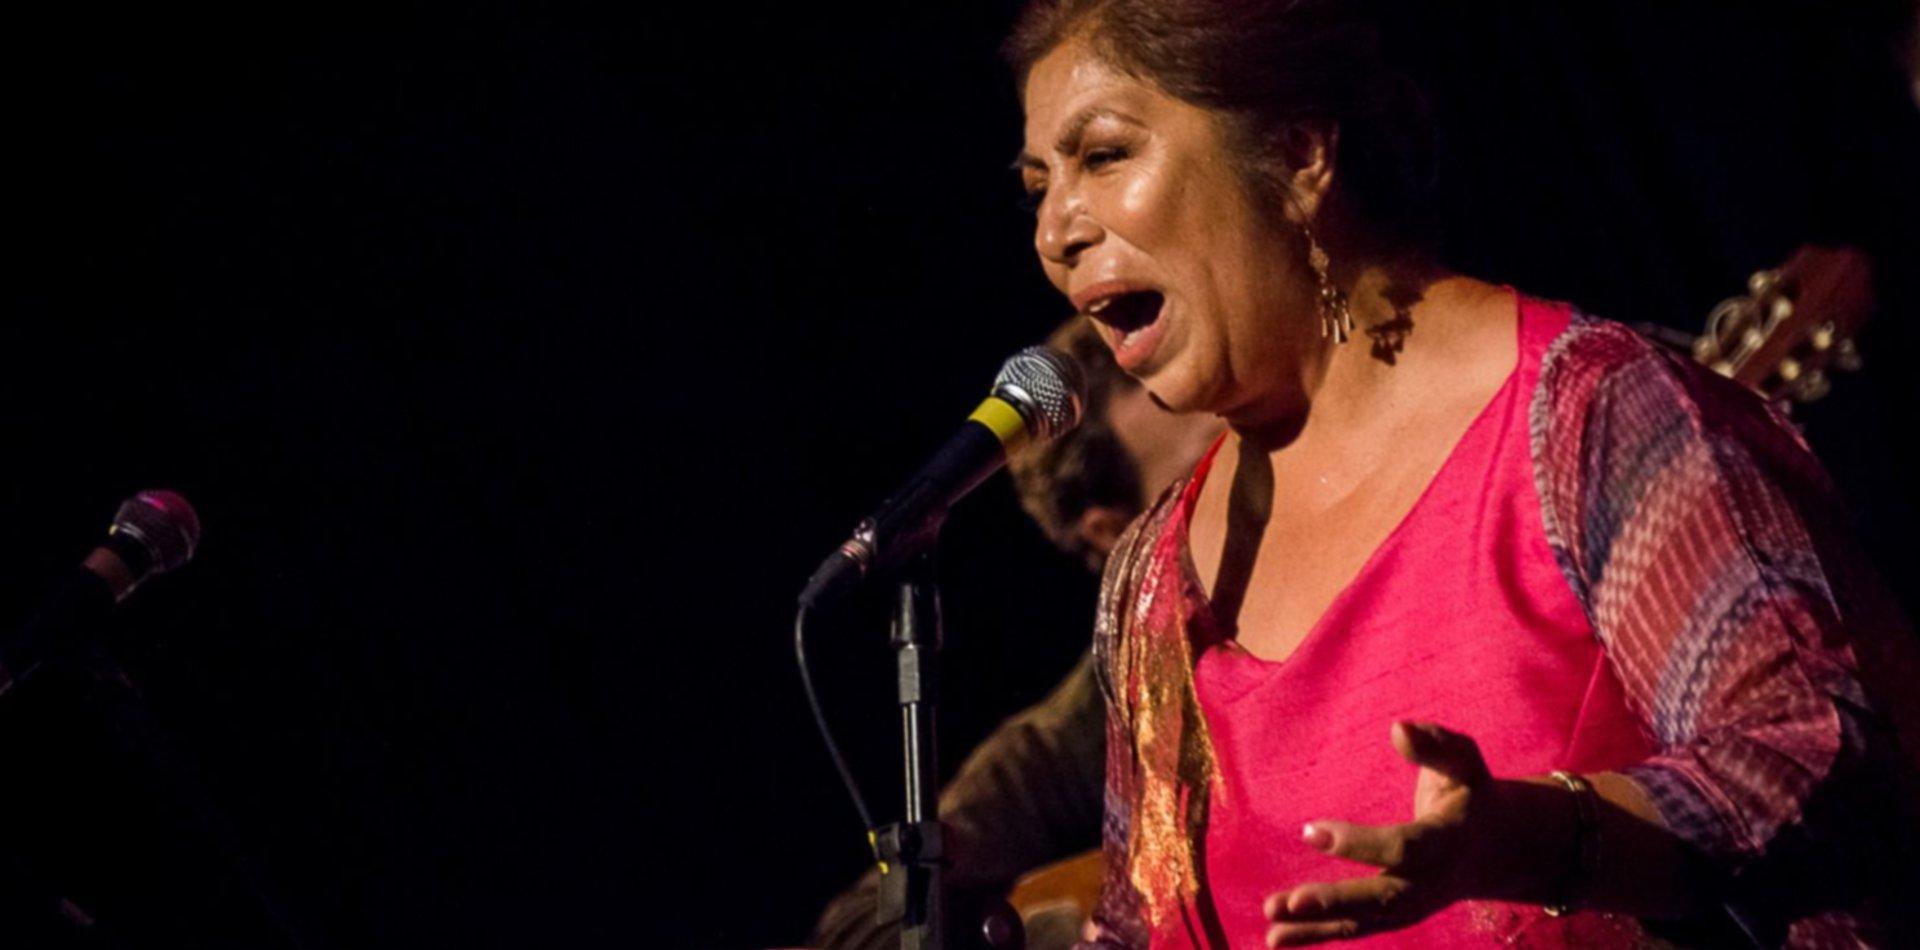 La platense Silvia Gómez presenta su nuevo disco nominado a los Premios Gardel